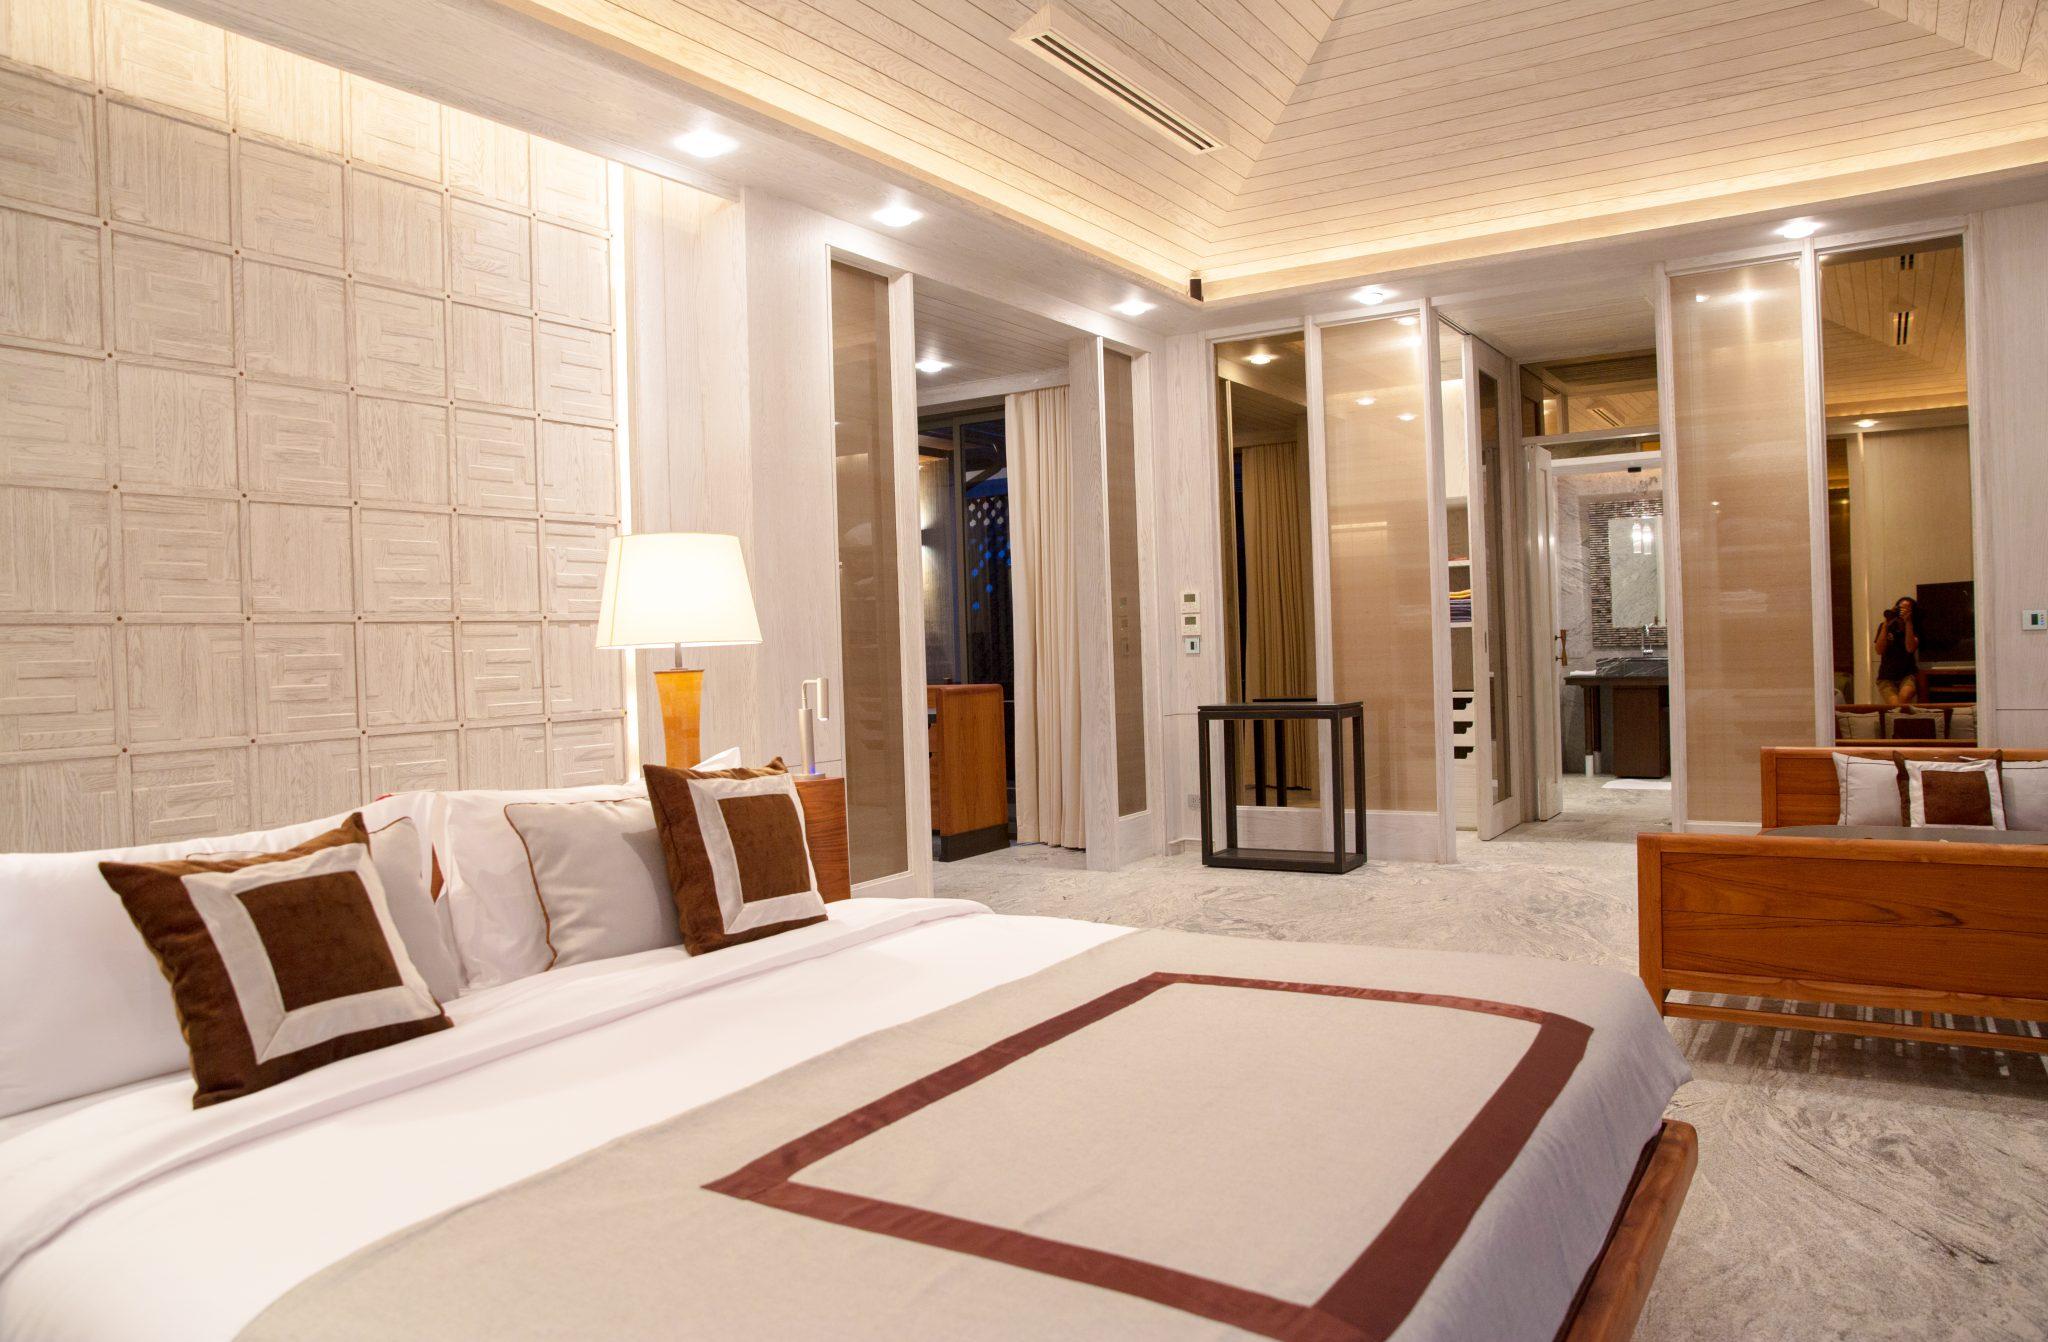 5 mh villa-Phang Nga-Phuketin Loma-asunnot (9)